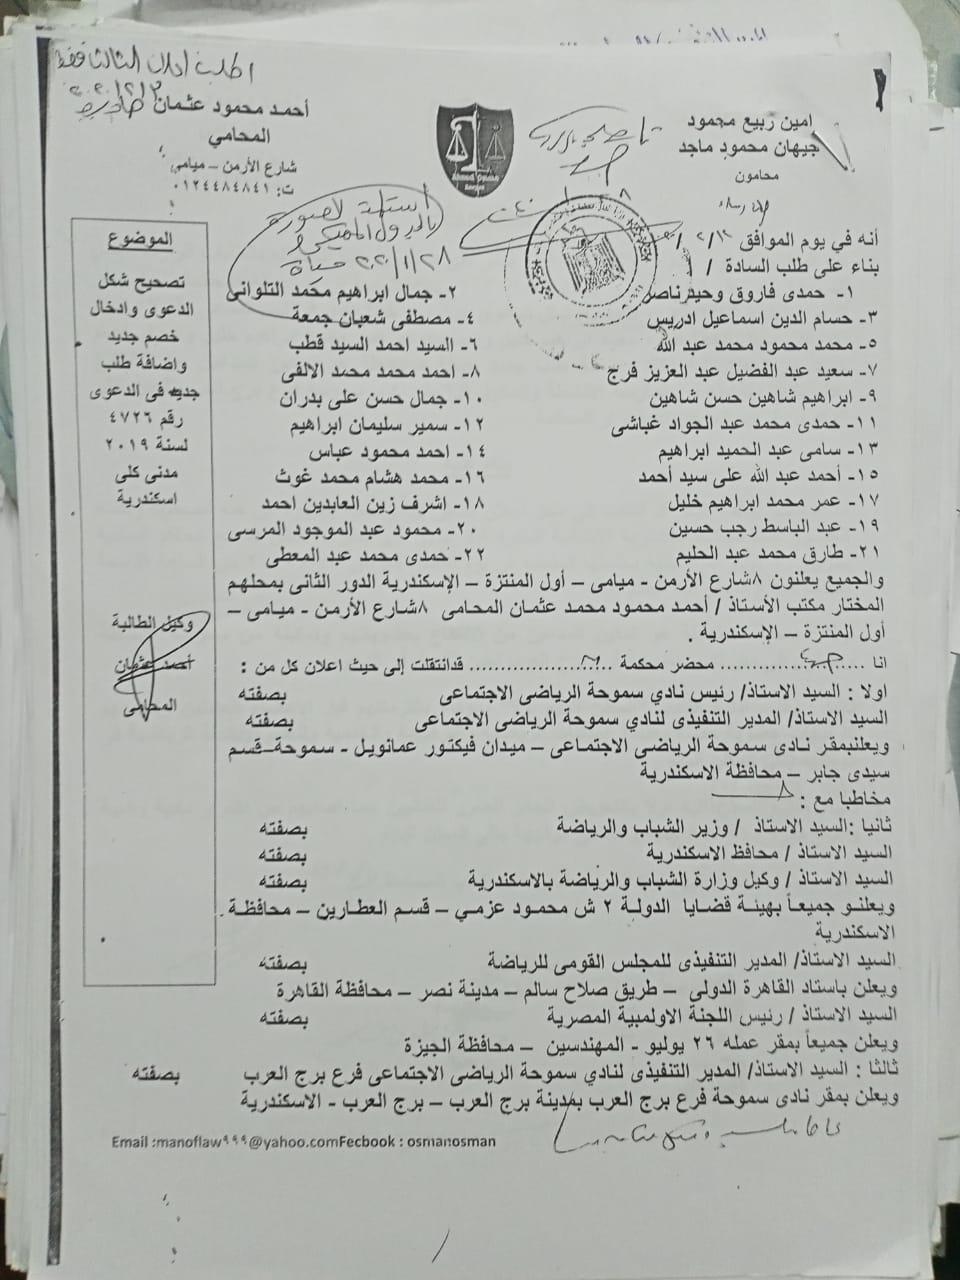 لوقف اهدار المال العام دعوي قضائية جديدة ضد رئيس نادي سموحه ووزير  والرياضة ومحافظ الإسكندرية